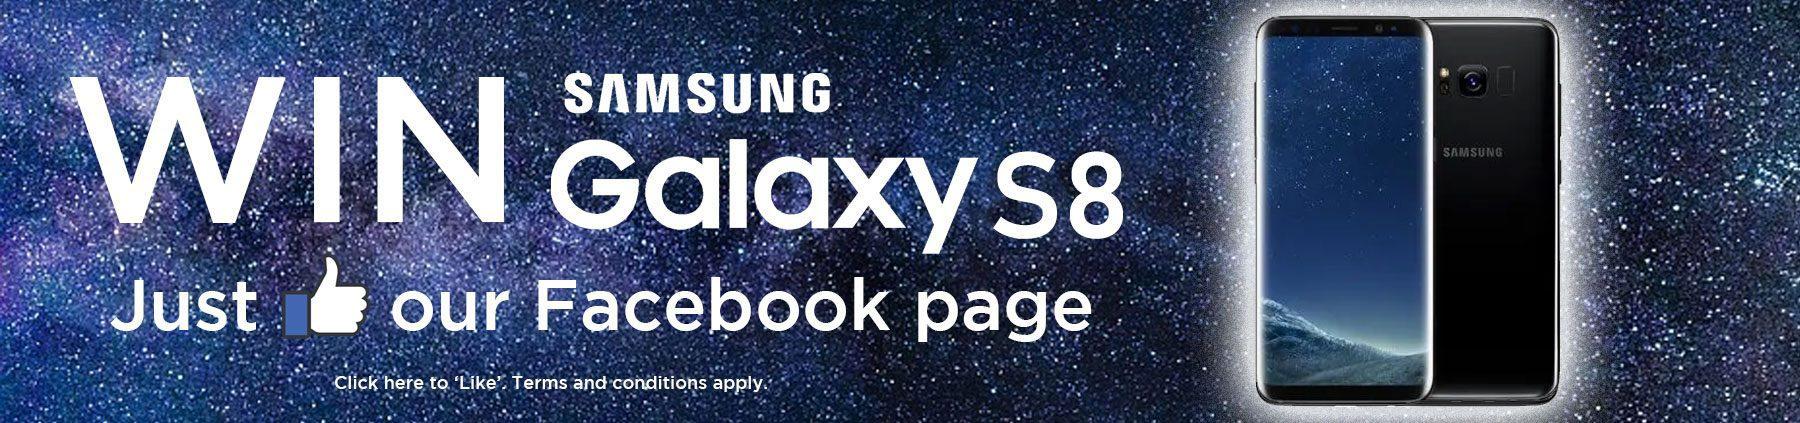 Samsungs8banner 1800x423 1800x423